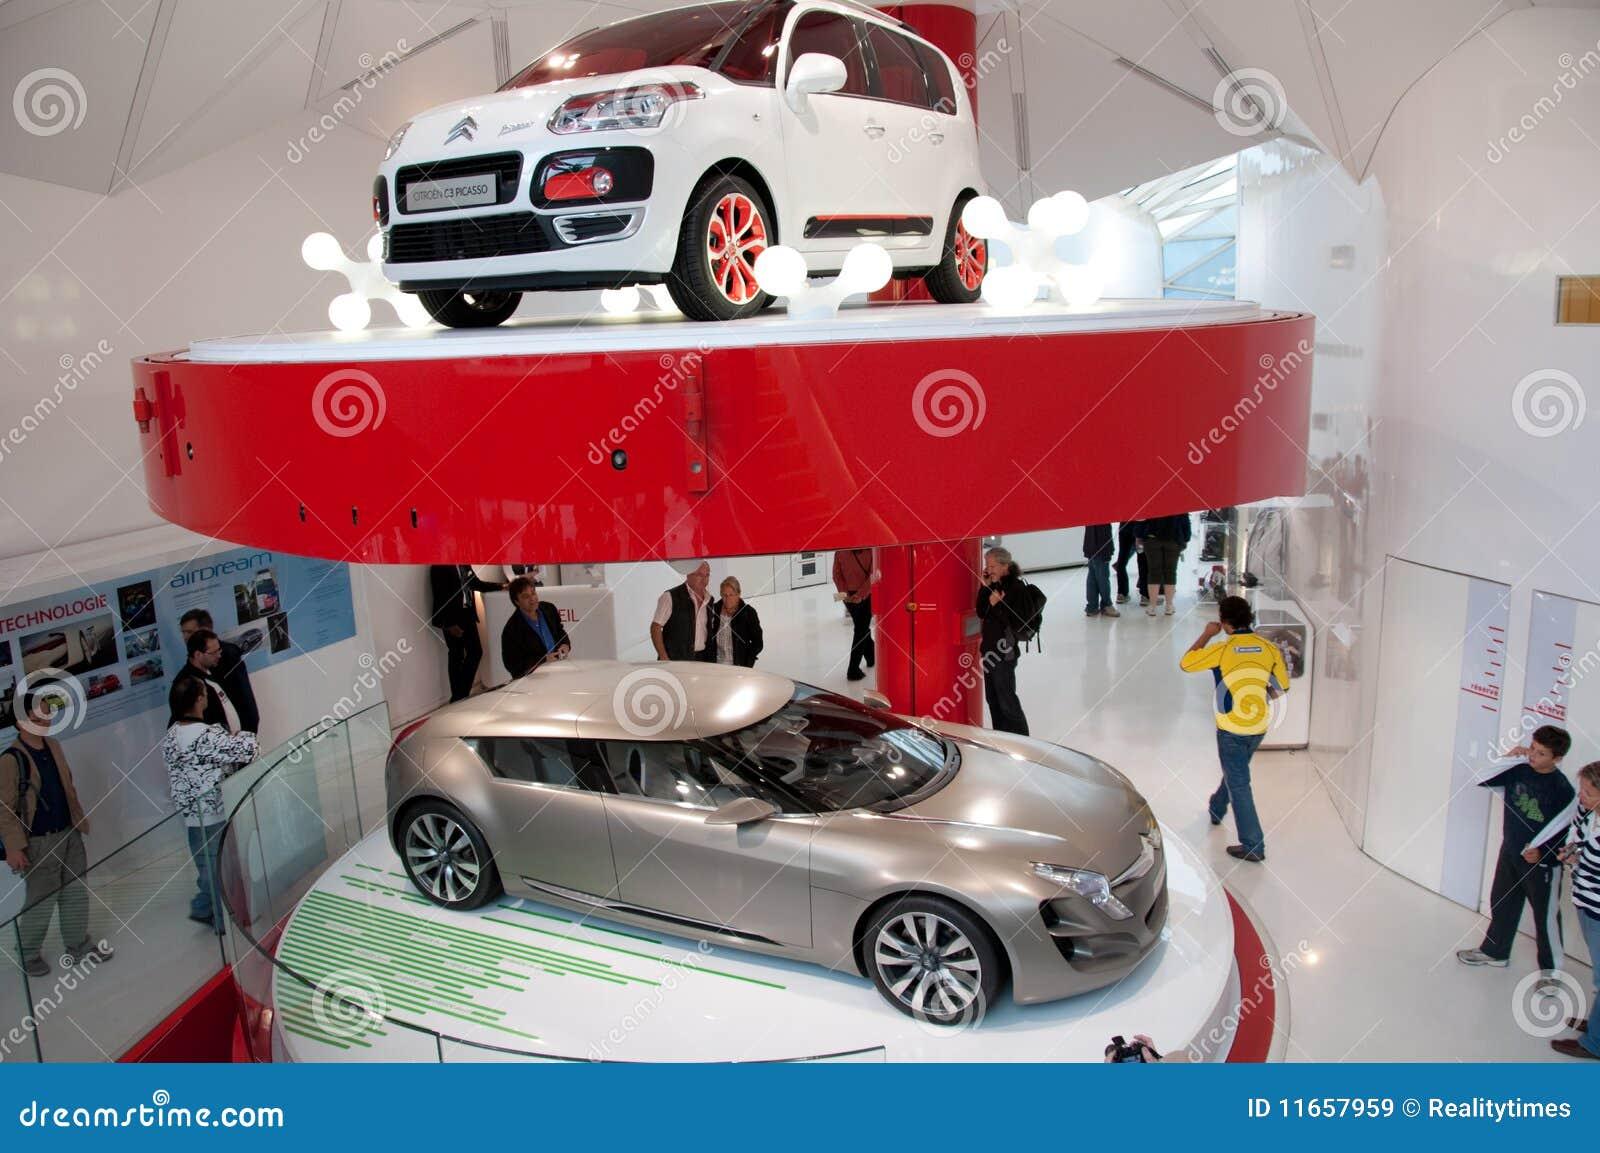 modelos novos do carro citroen paris imagem de stock editorial imagem 11657959. Black Bedroom Furniture Sets. Home Design Ideas